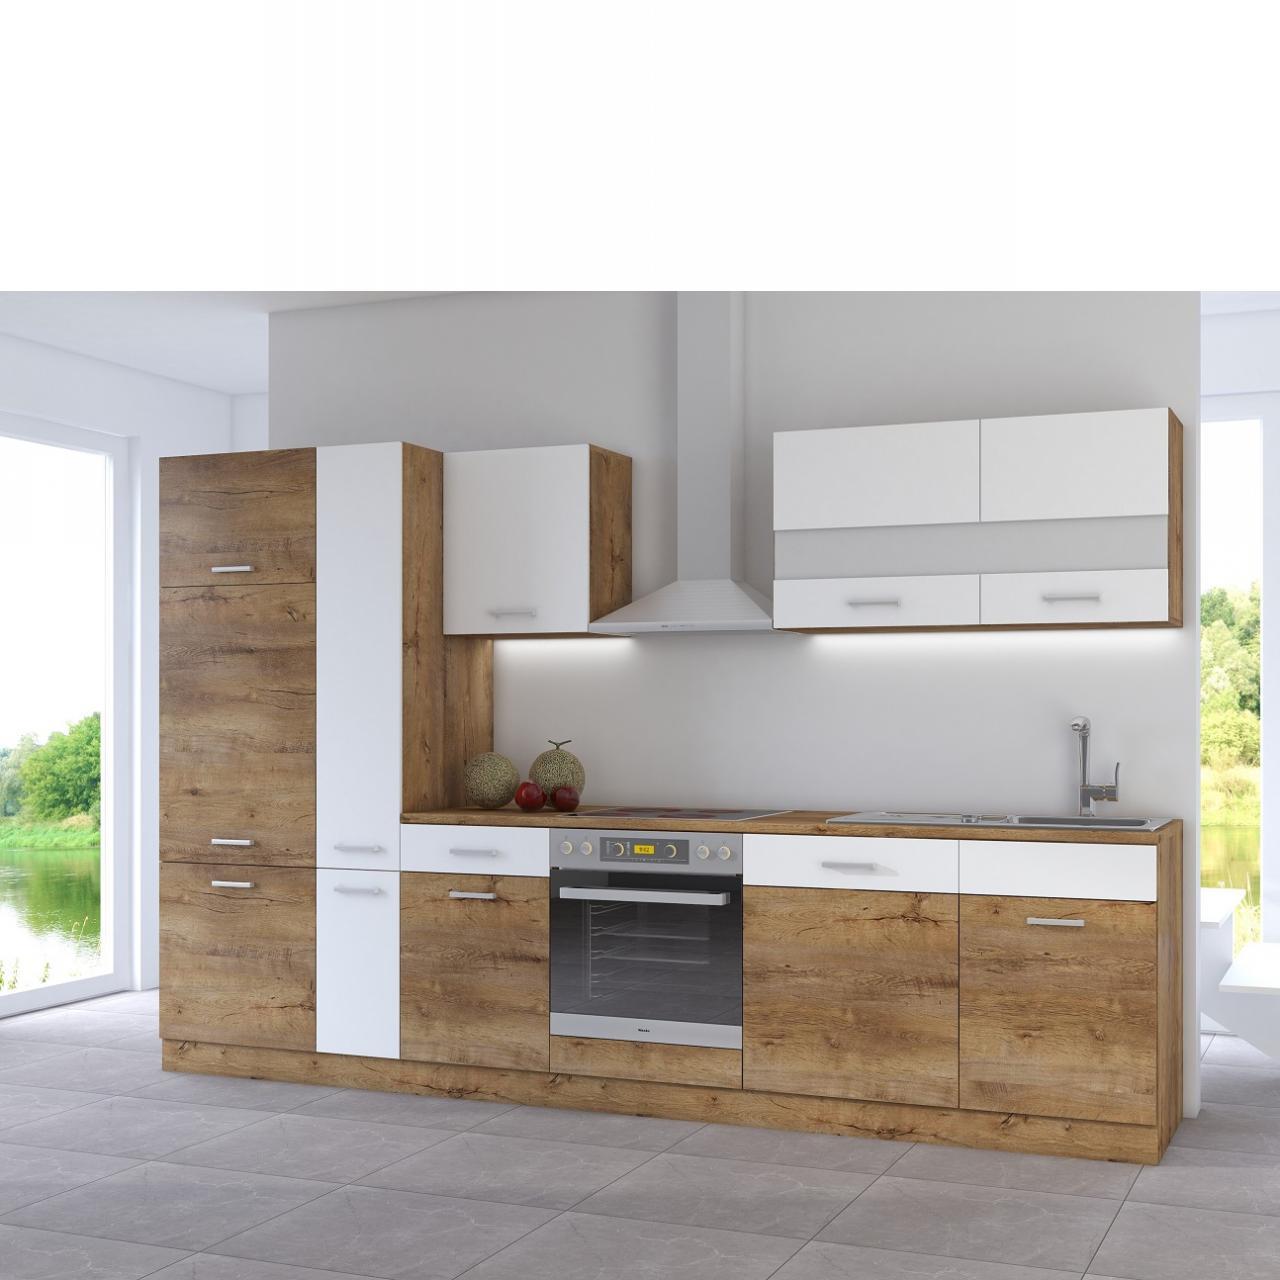 Küche Cora 2 Küchenblock Single-Küche Eiche Lancelot Nb. Weiß Matt  Spanplatte